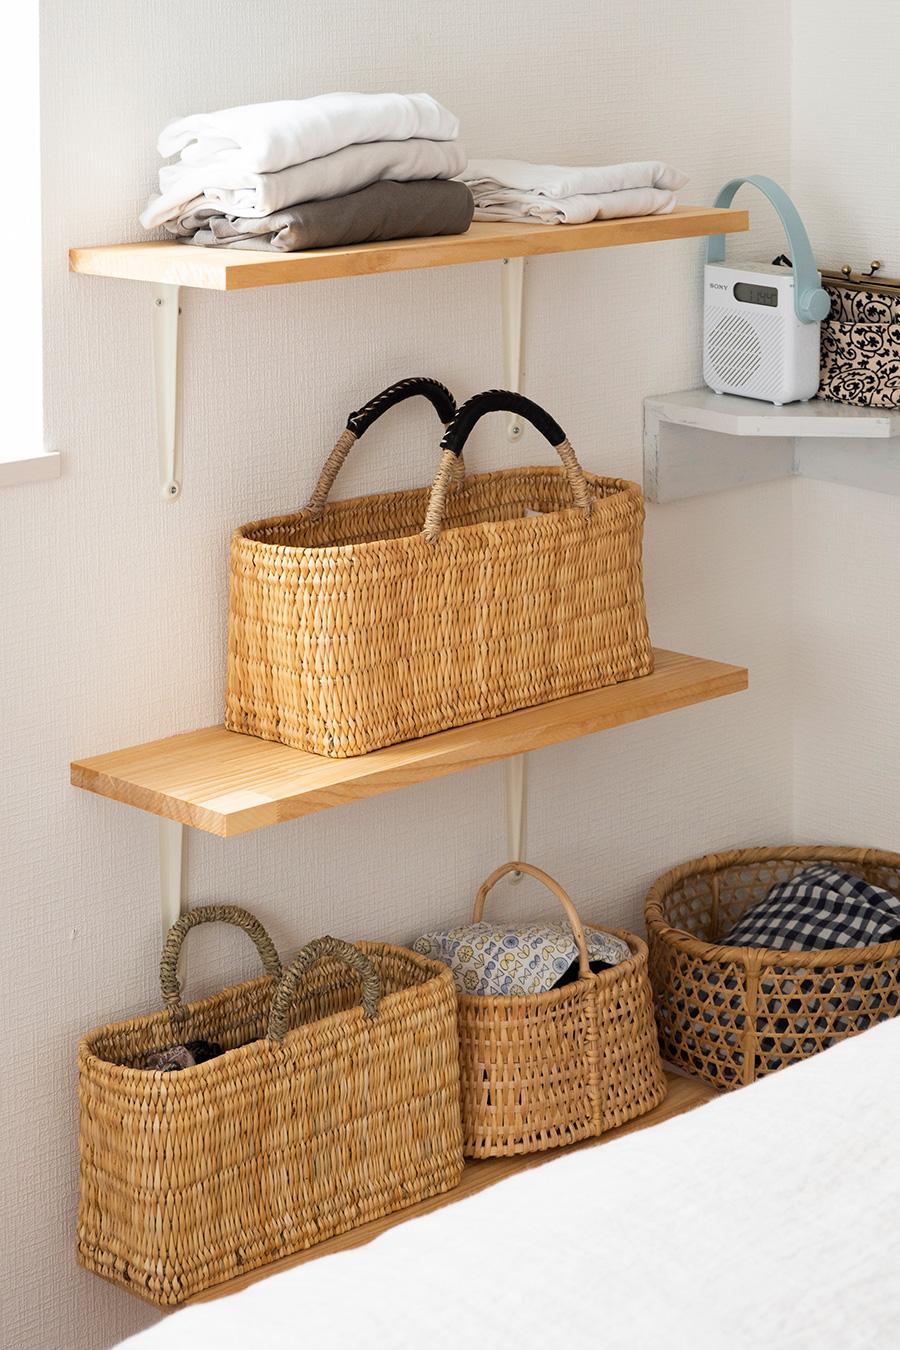 DIYで棚を設置し、お気に入りのカゴをディスプレイするように陳列。収納にもなり一石二鳥。